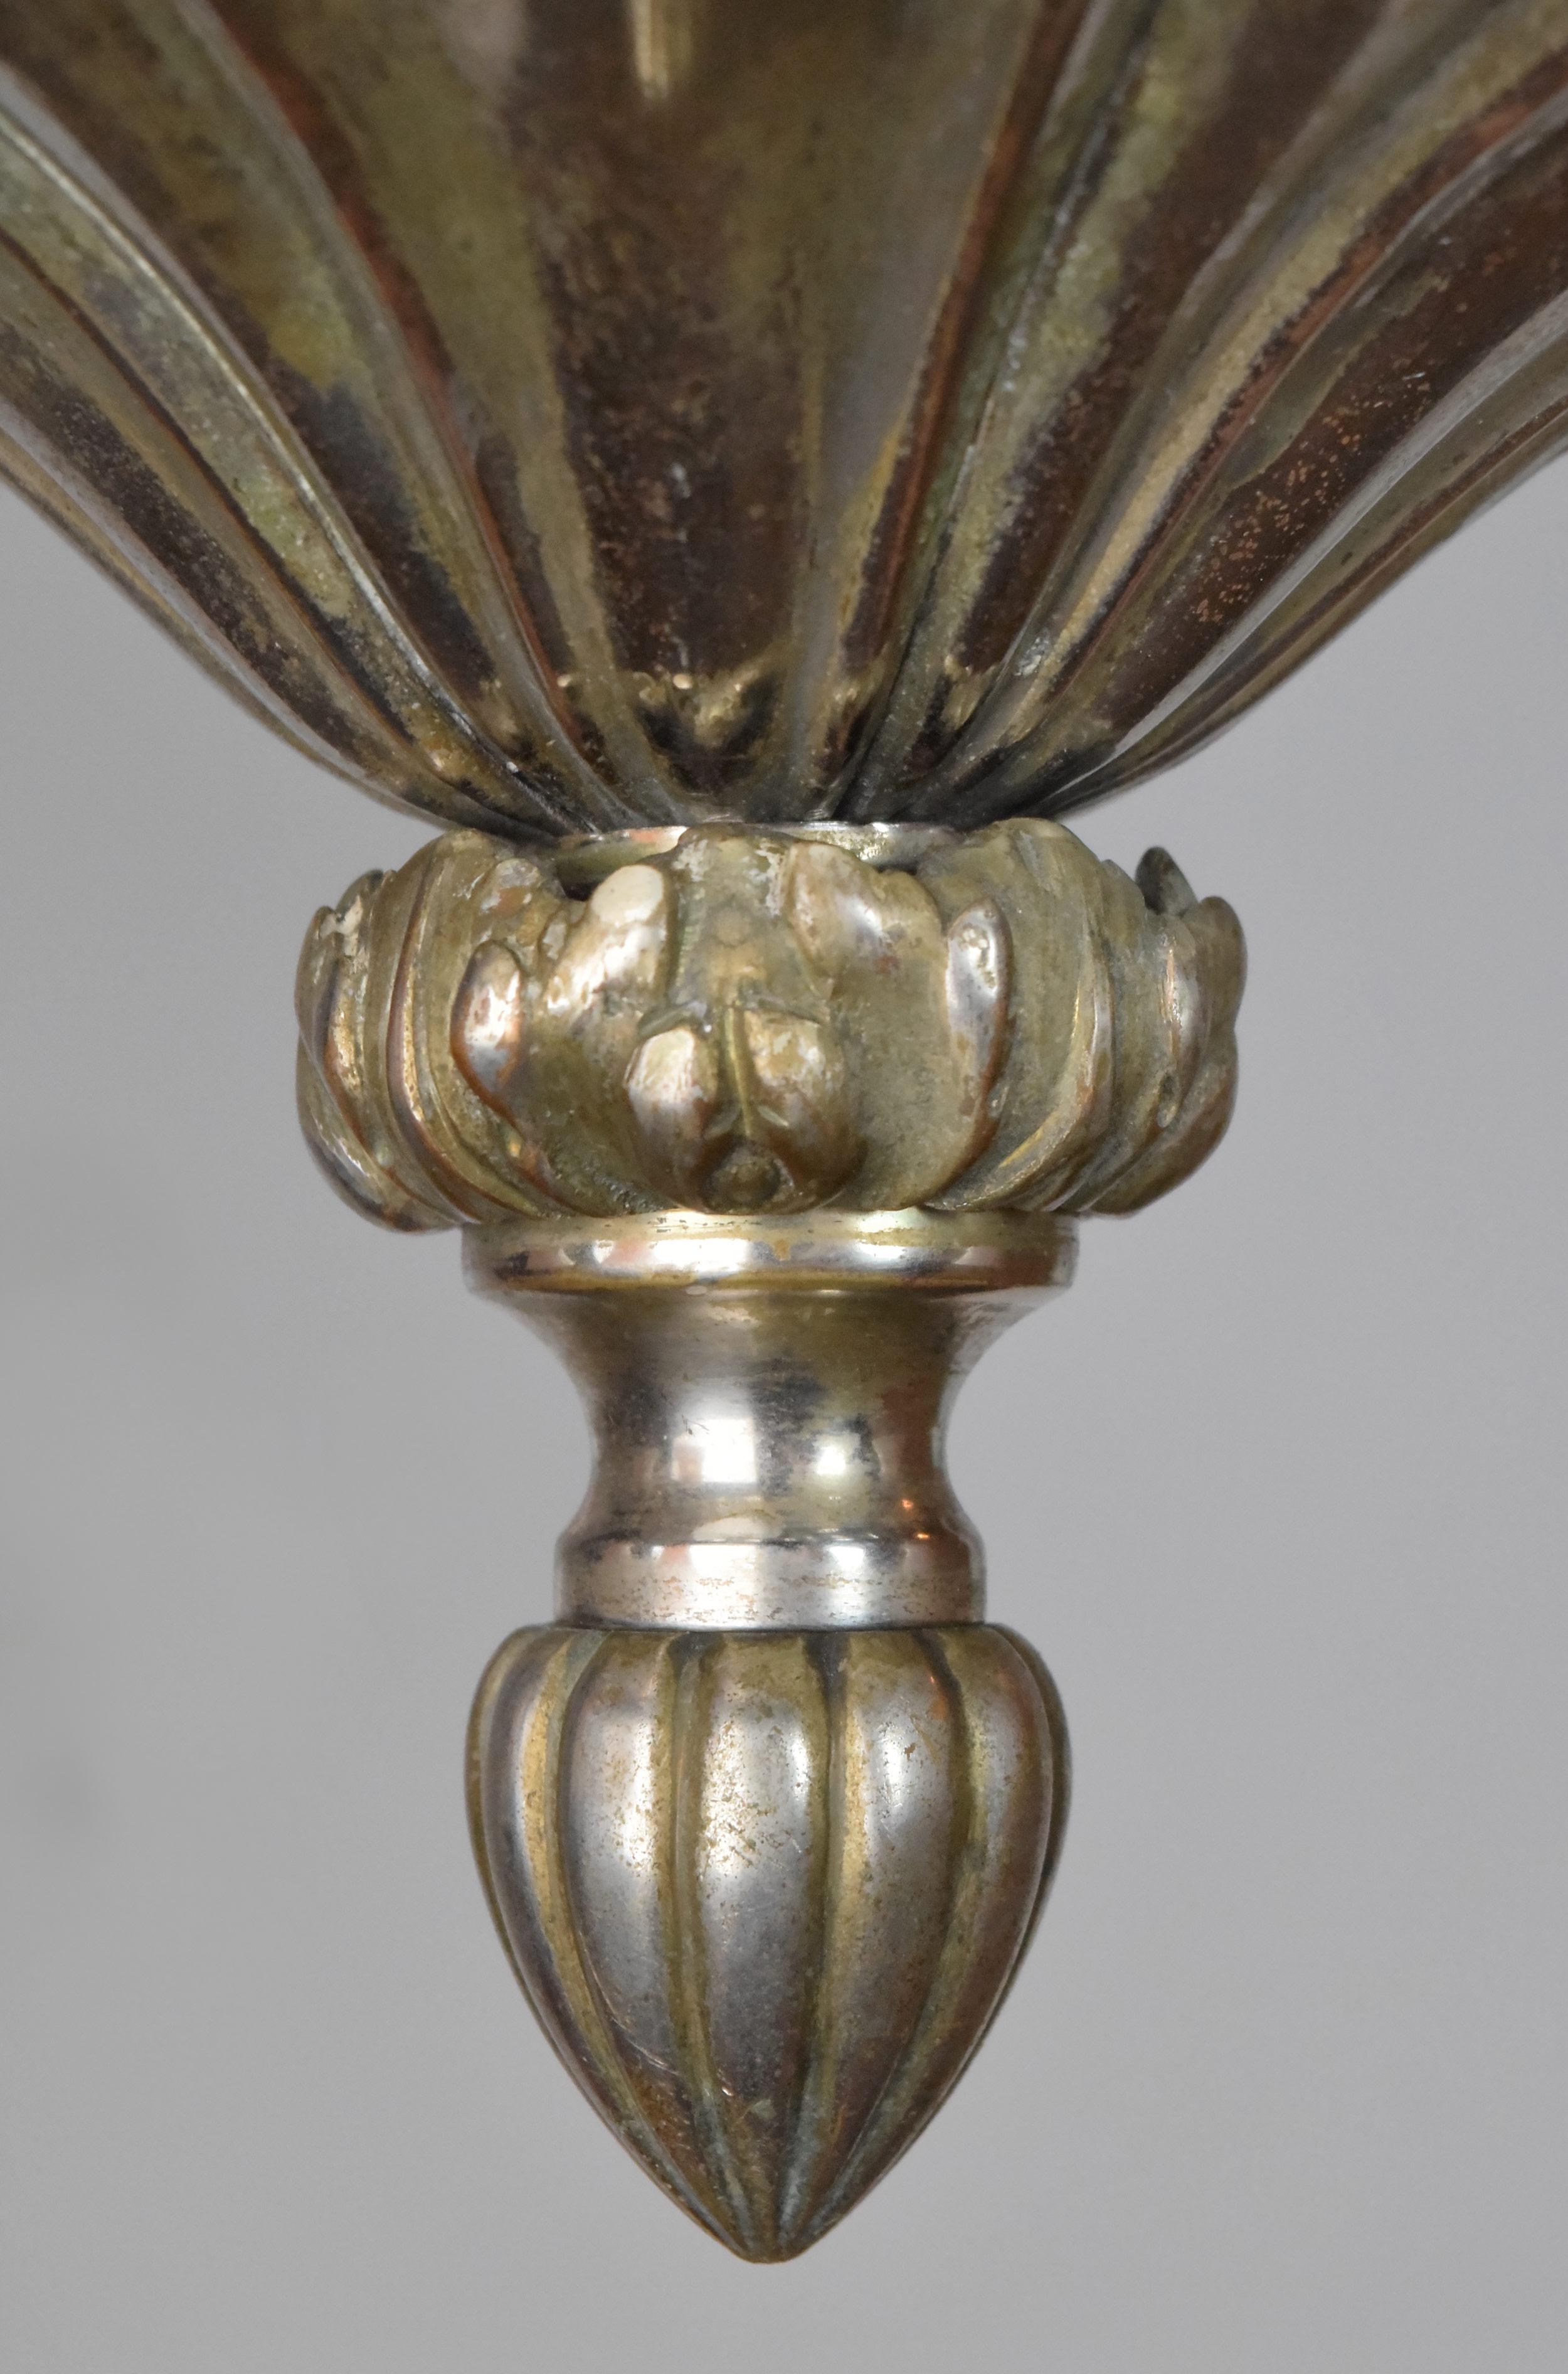 47533-silver-plated-art-nouveau-chandelier-finial.jpg